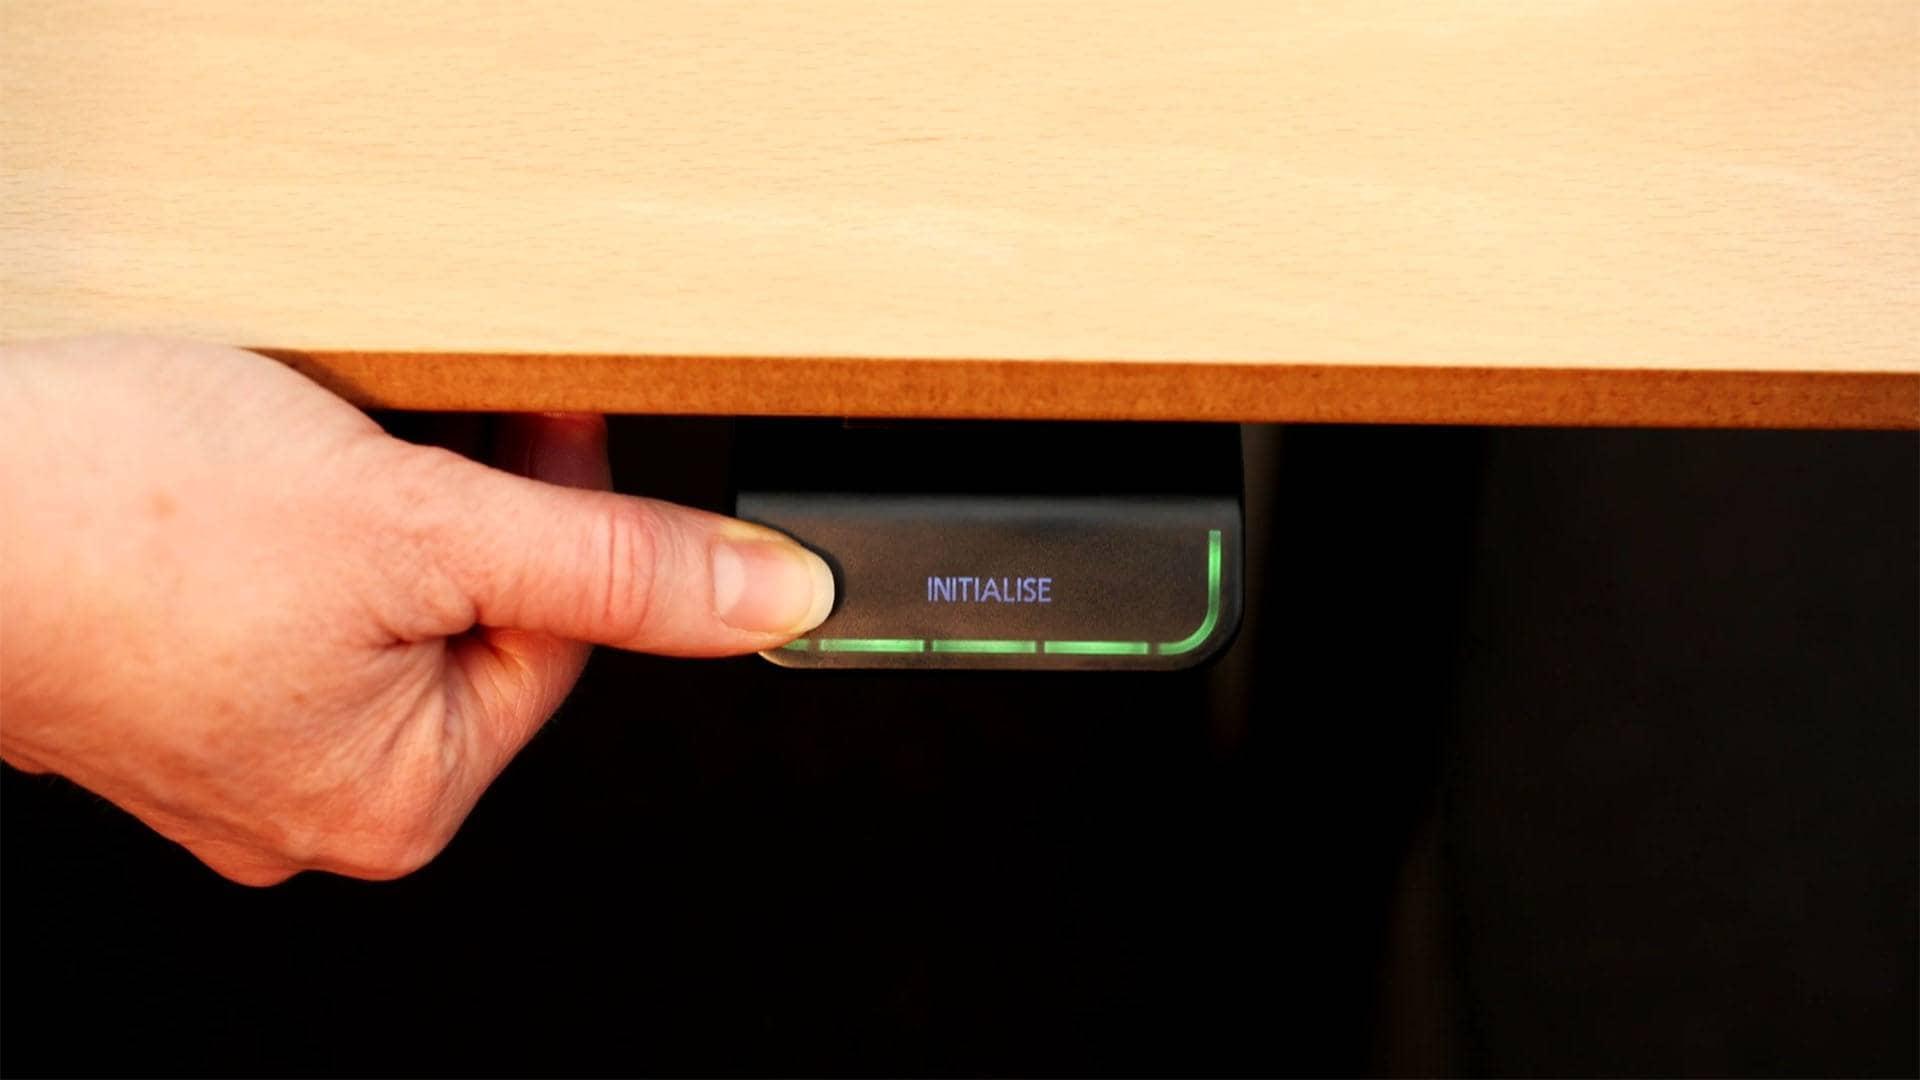 DPG - Como inicializar e ajustar a mesa